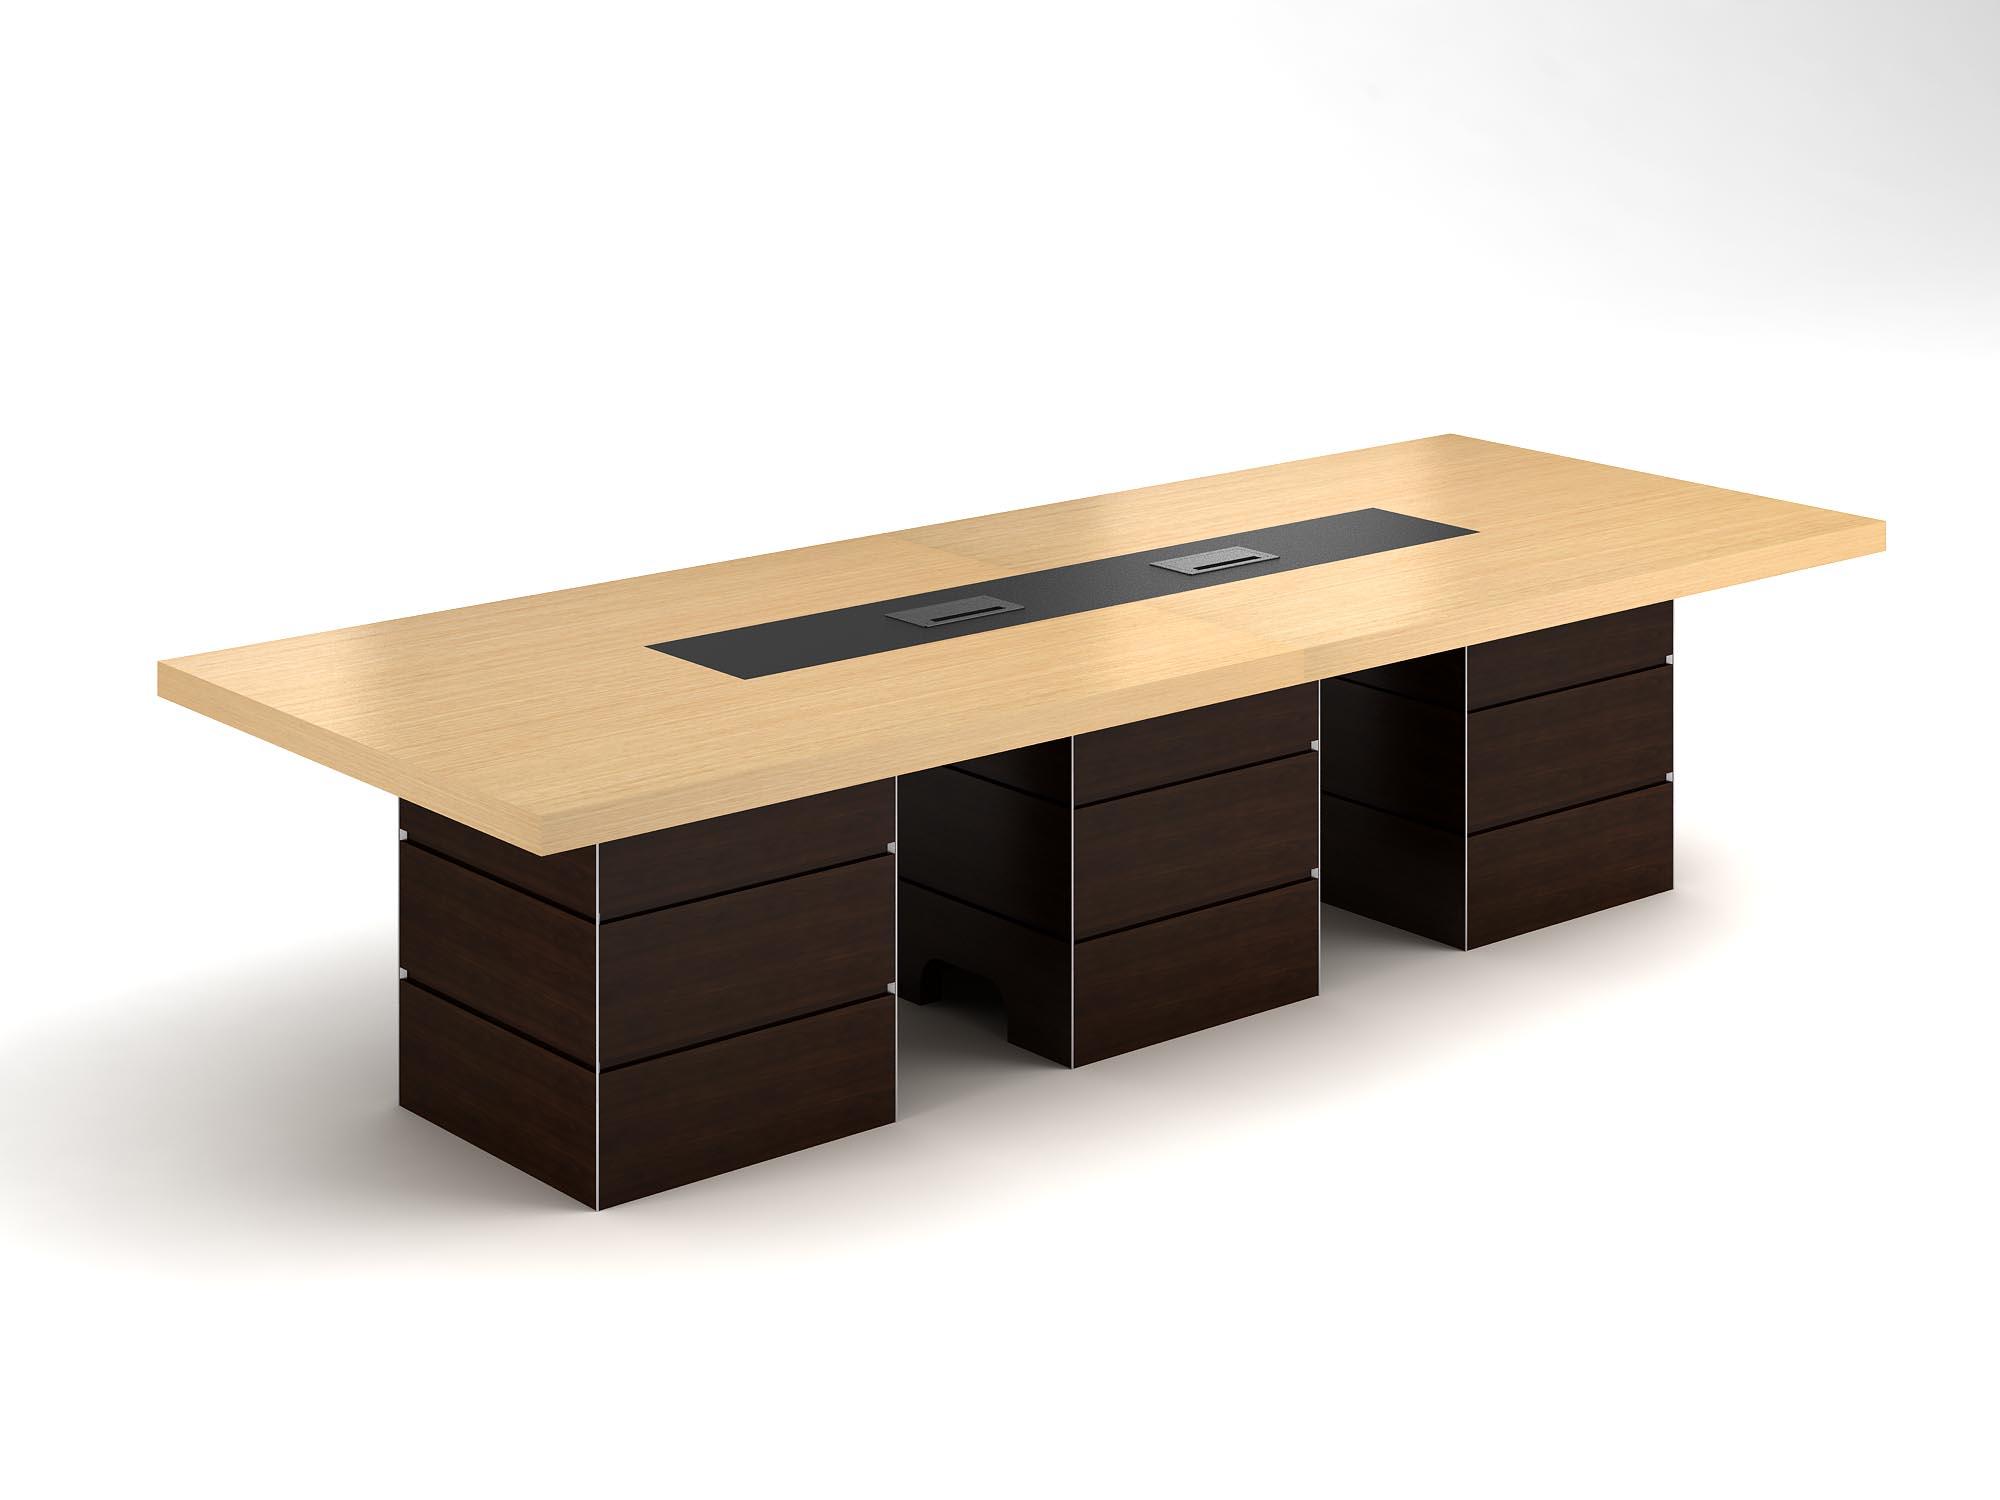 油漆胡桃木产品系列展示